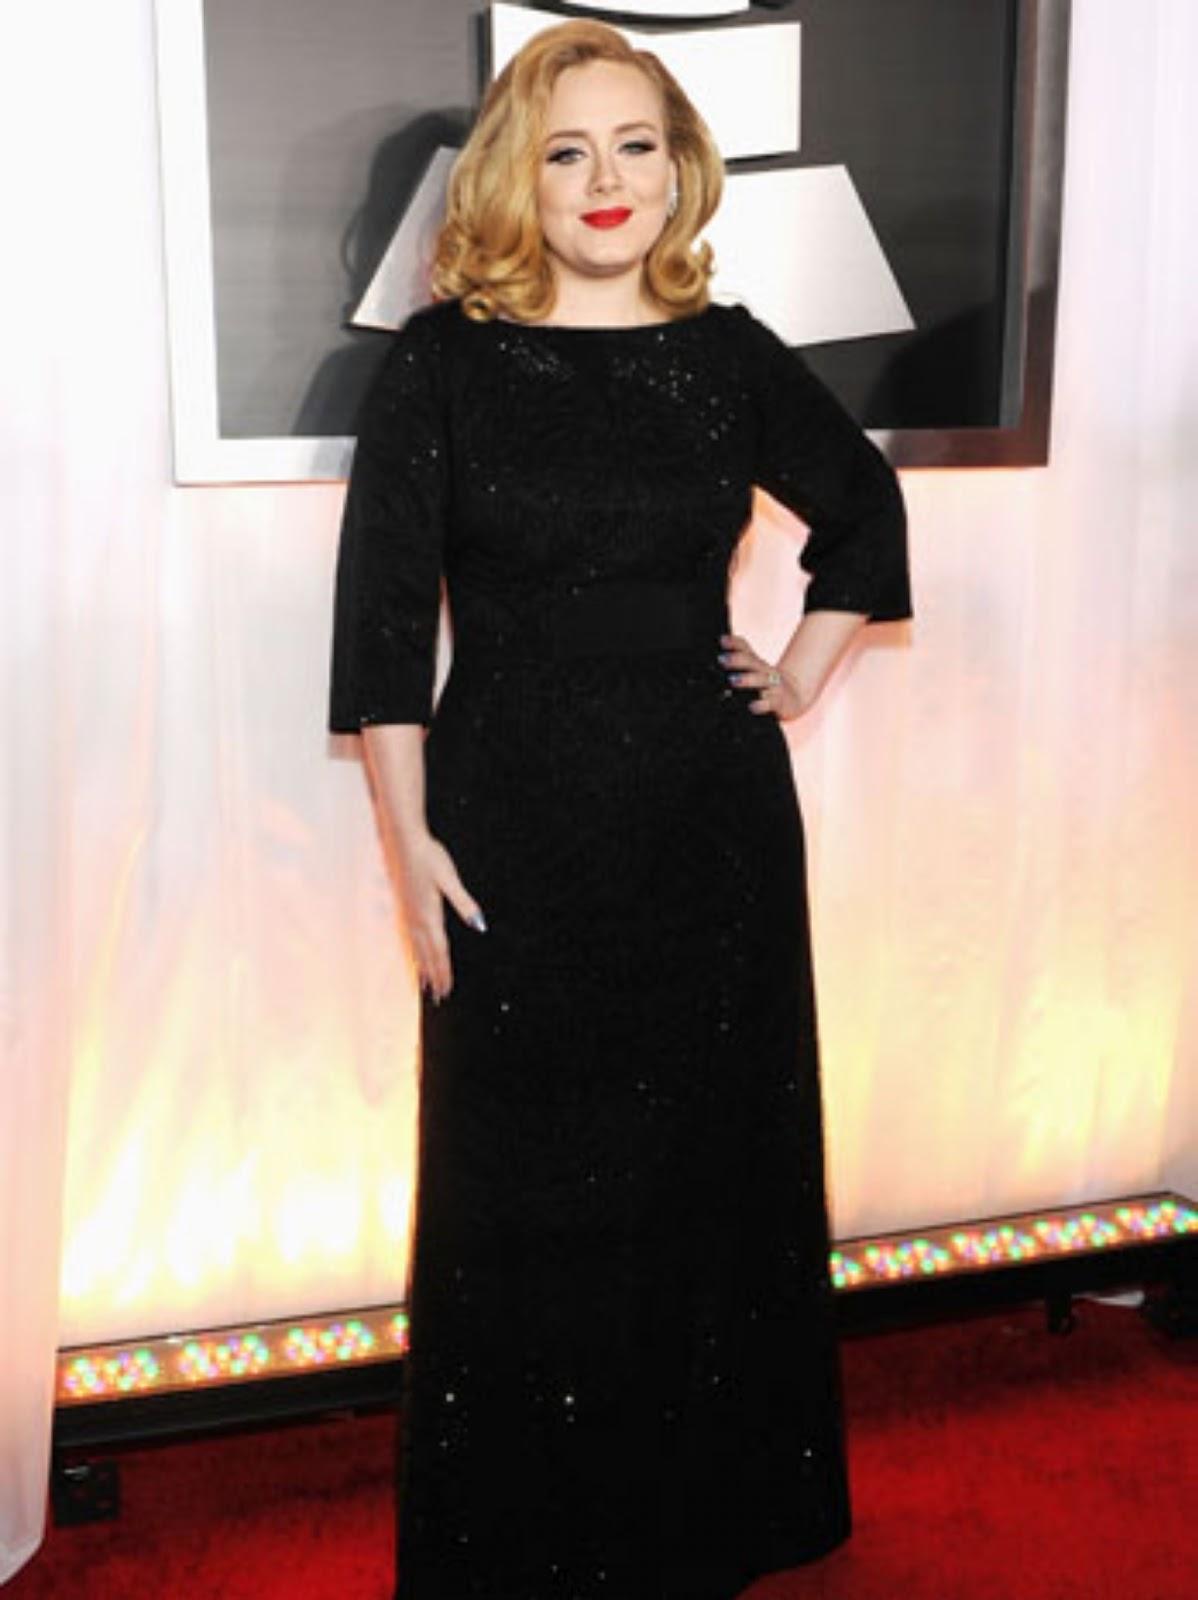 http://2.bp.blogspot.com/-D0VmY3lowB4/Tzi7S19FJoI/AAAAAAAACIo/kDTmZ2owfnQ/s1600/Grammy+Awards+2012+Red+Carpet+Arrivals+-+Adele.jpg